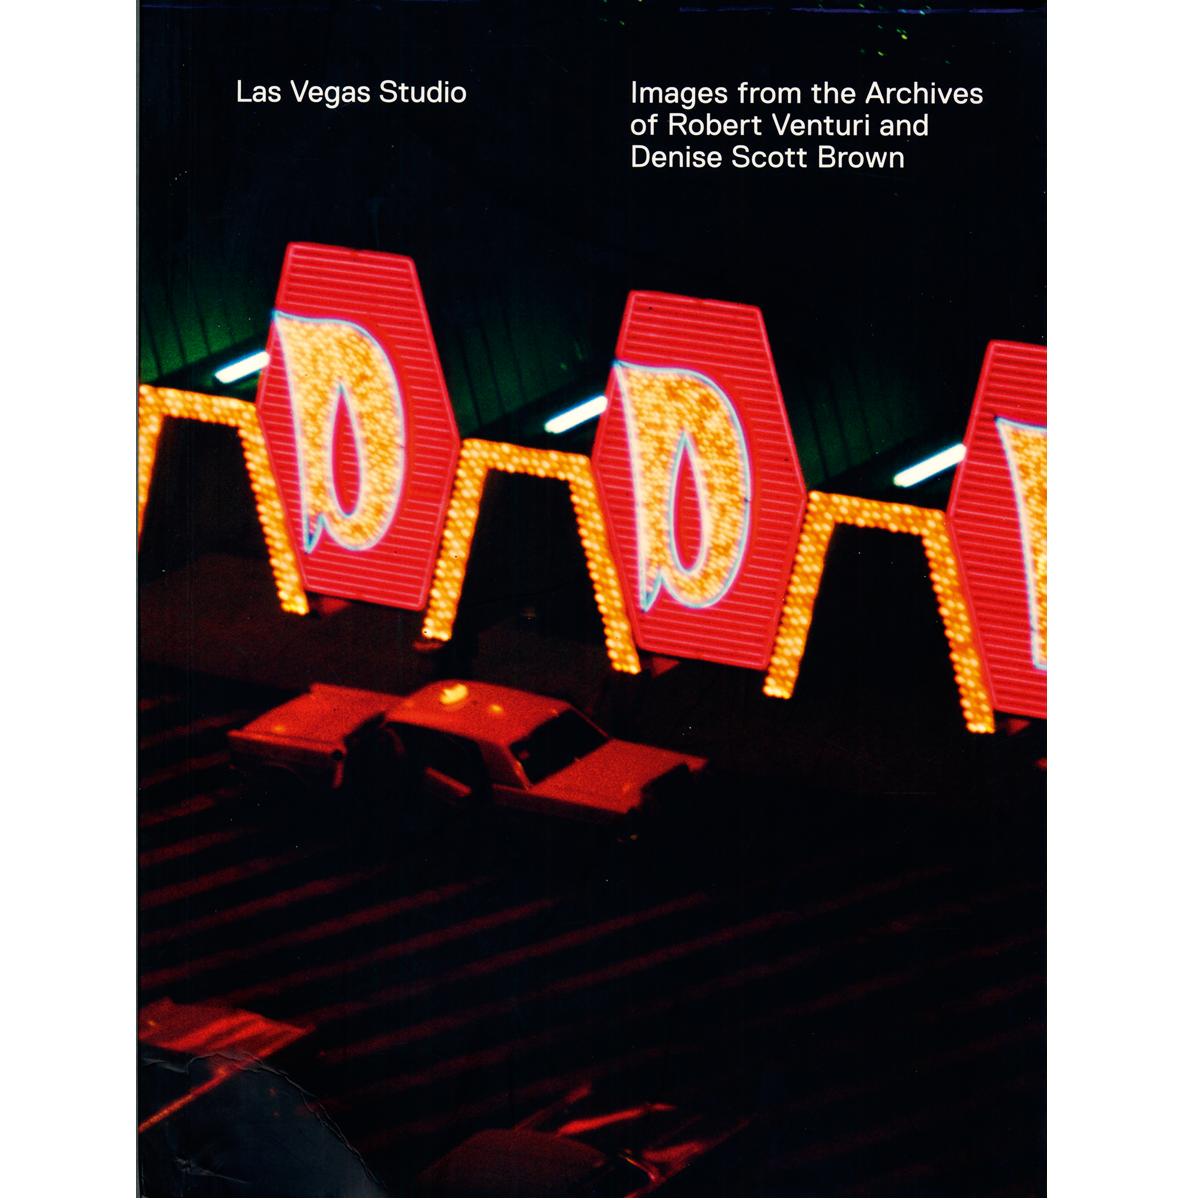 Las Vegas Studio